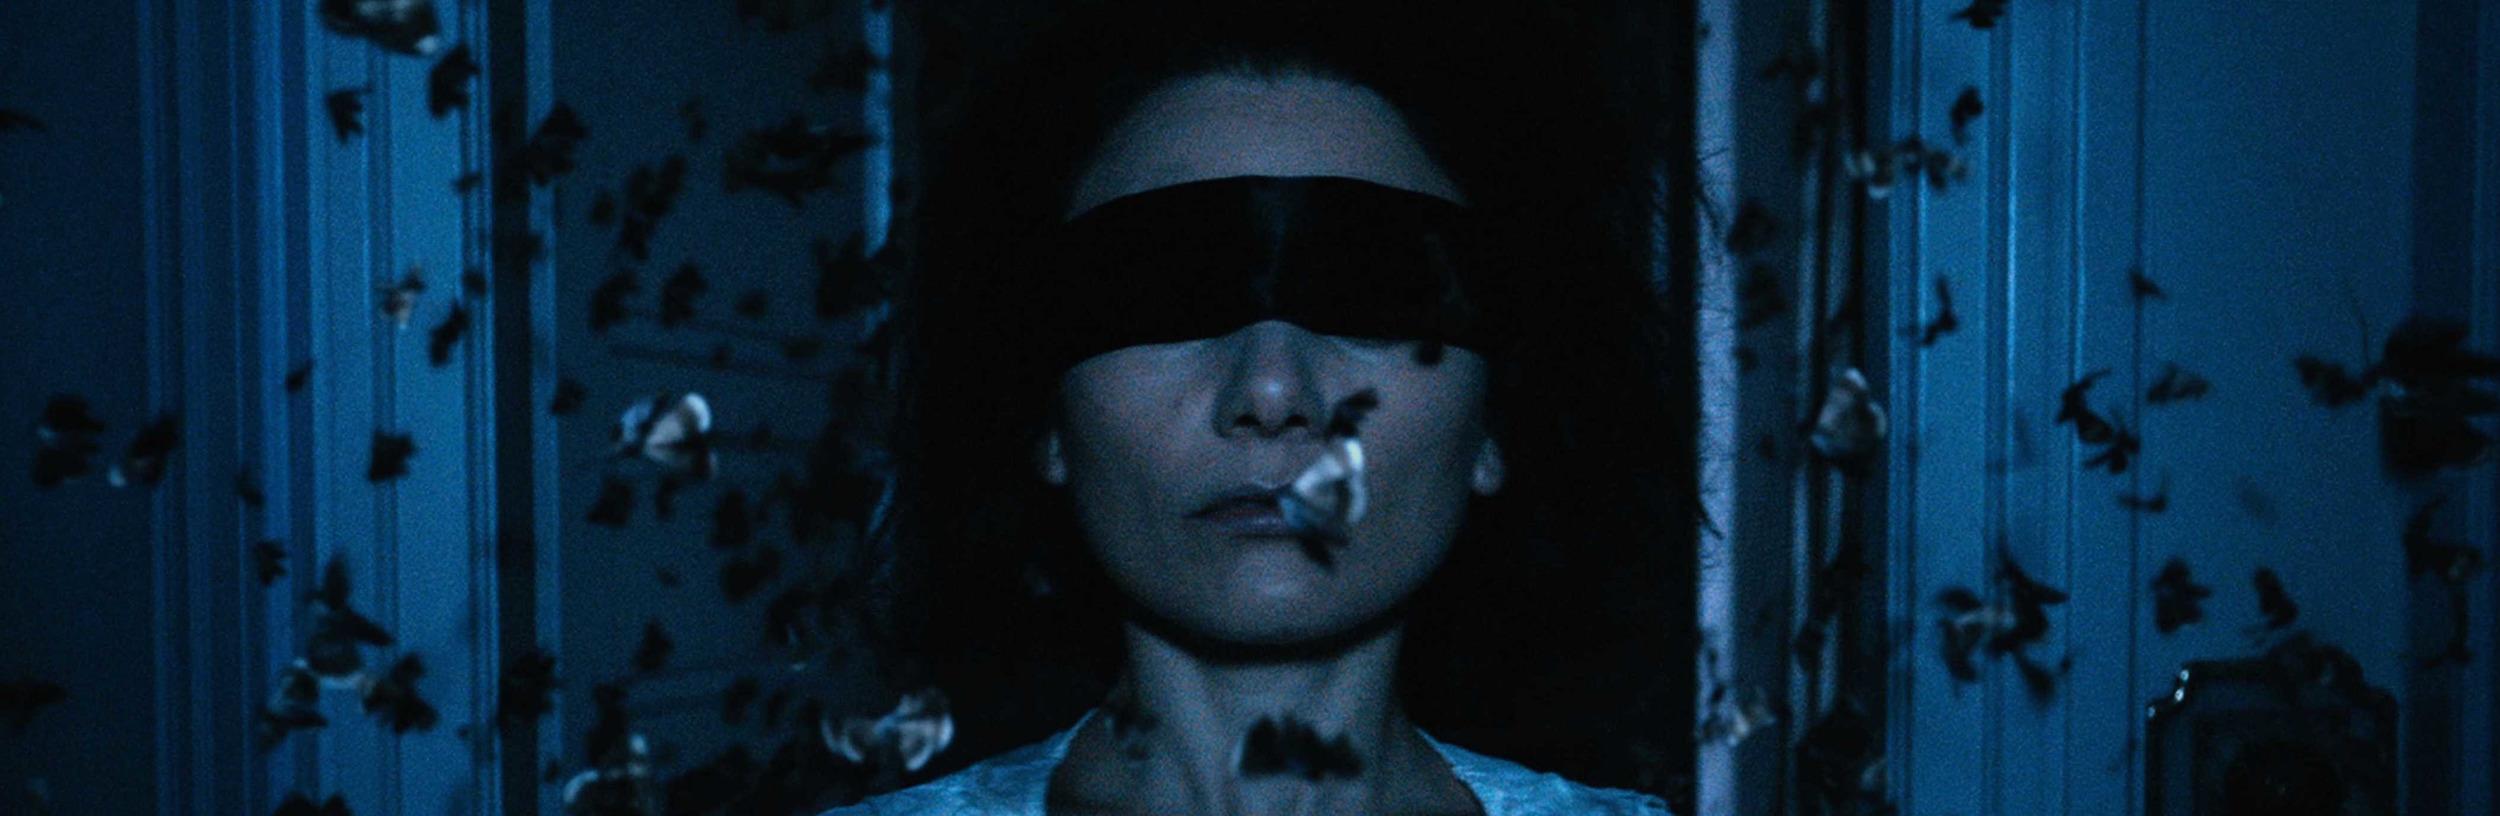 DOB_still_006_Chiara D'Anna as Evelyn.jpg